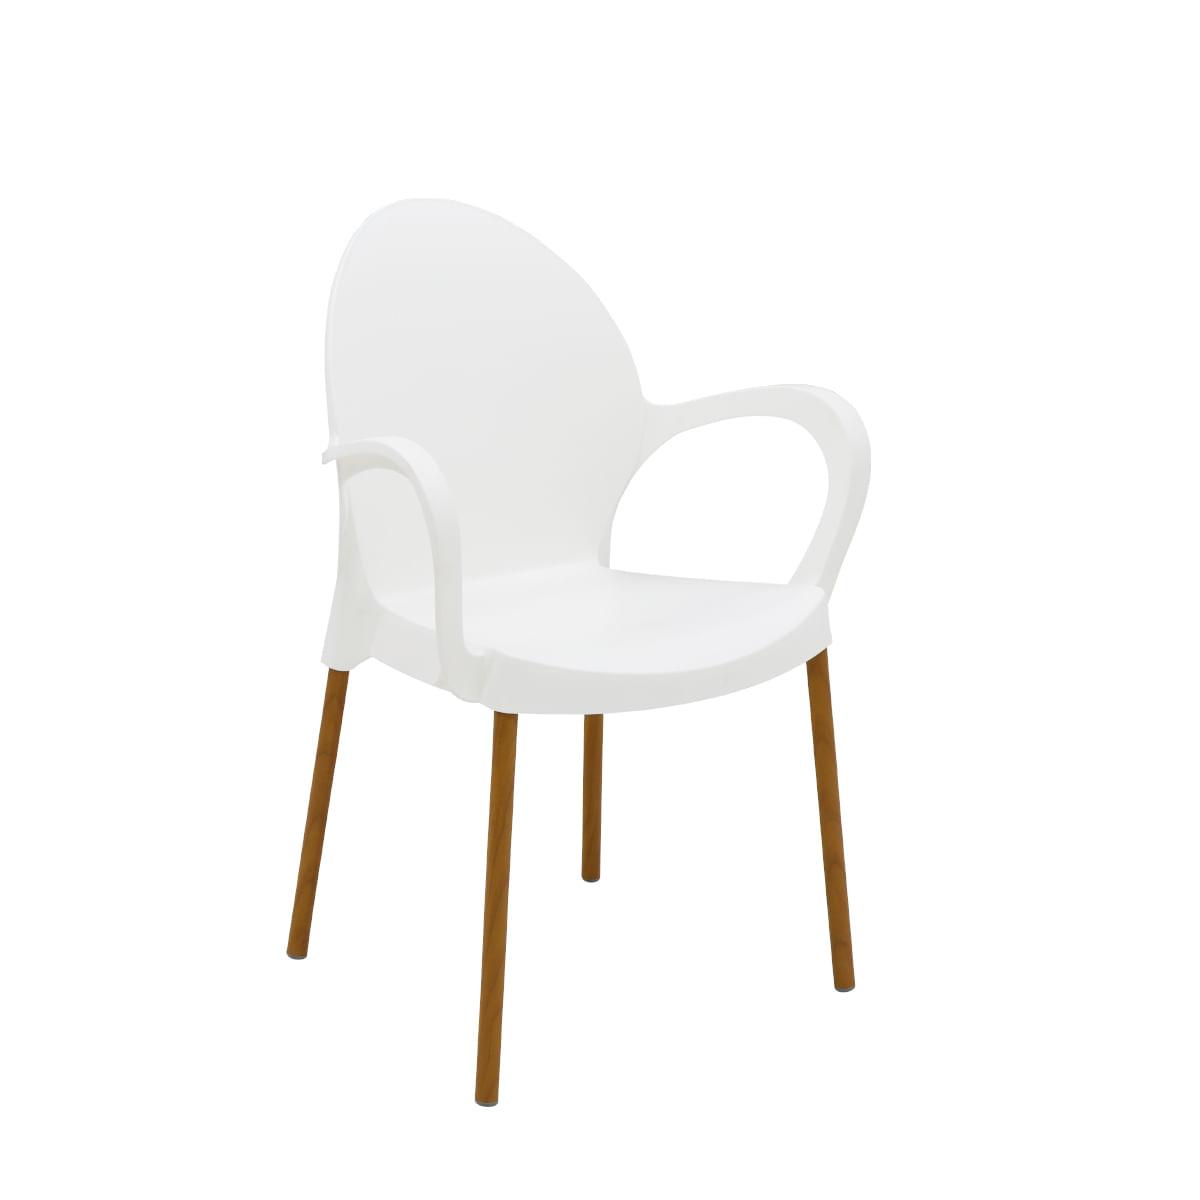 Cadeira Tramontina Grace Linheiro em Polipropileno Branco com Braços